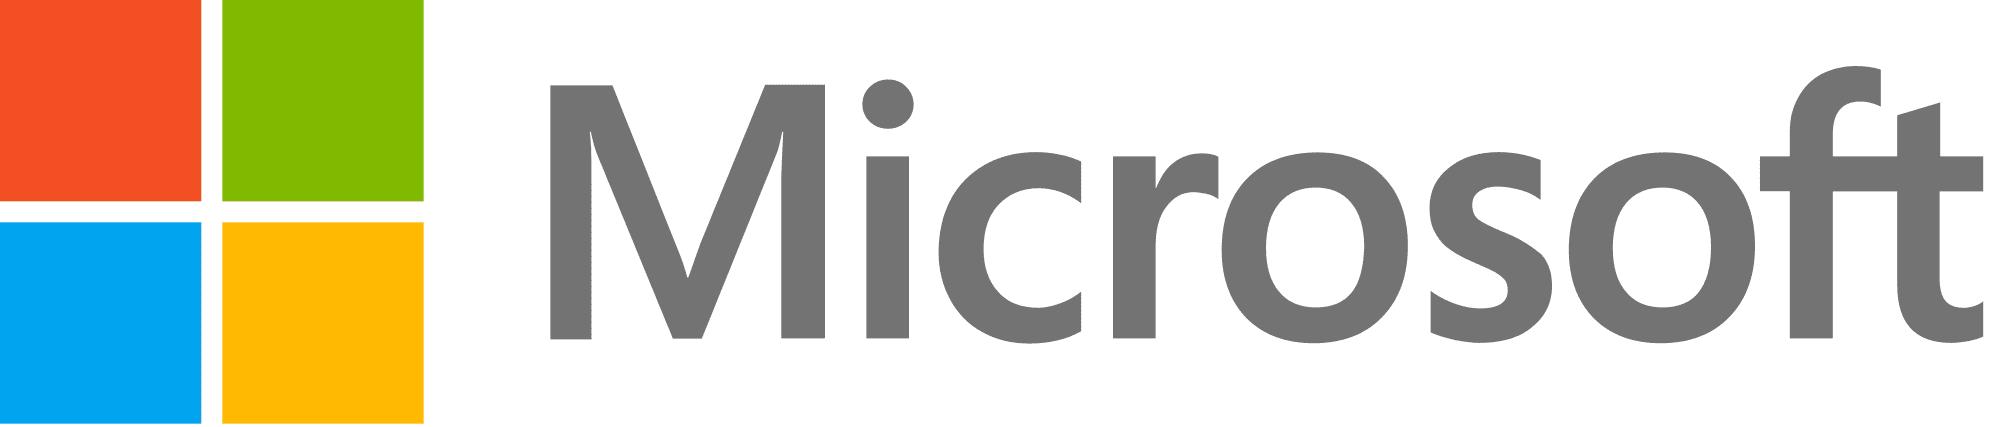 Significado del logo de Microsoft